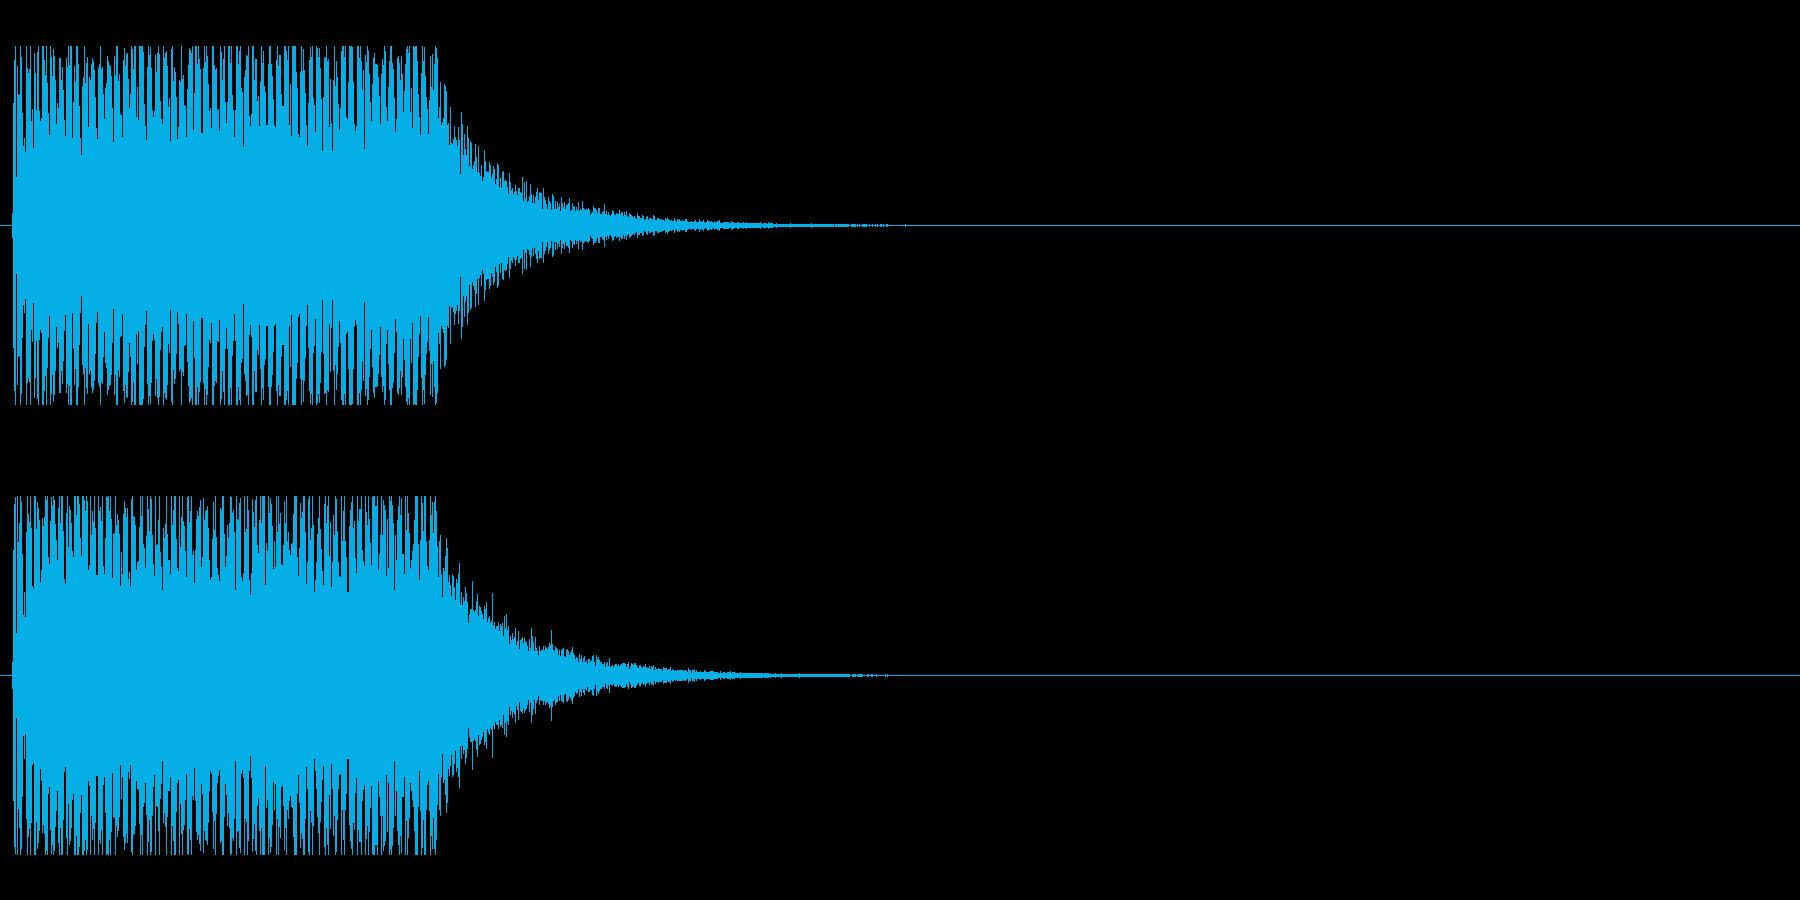 レーザー音-153-1の再生済みの波形